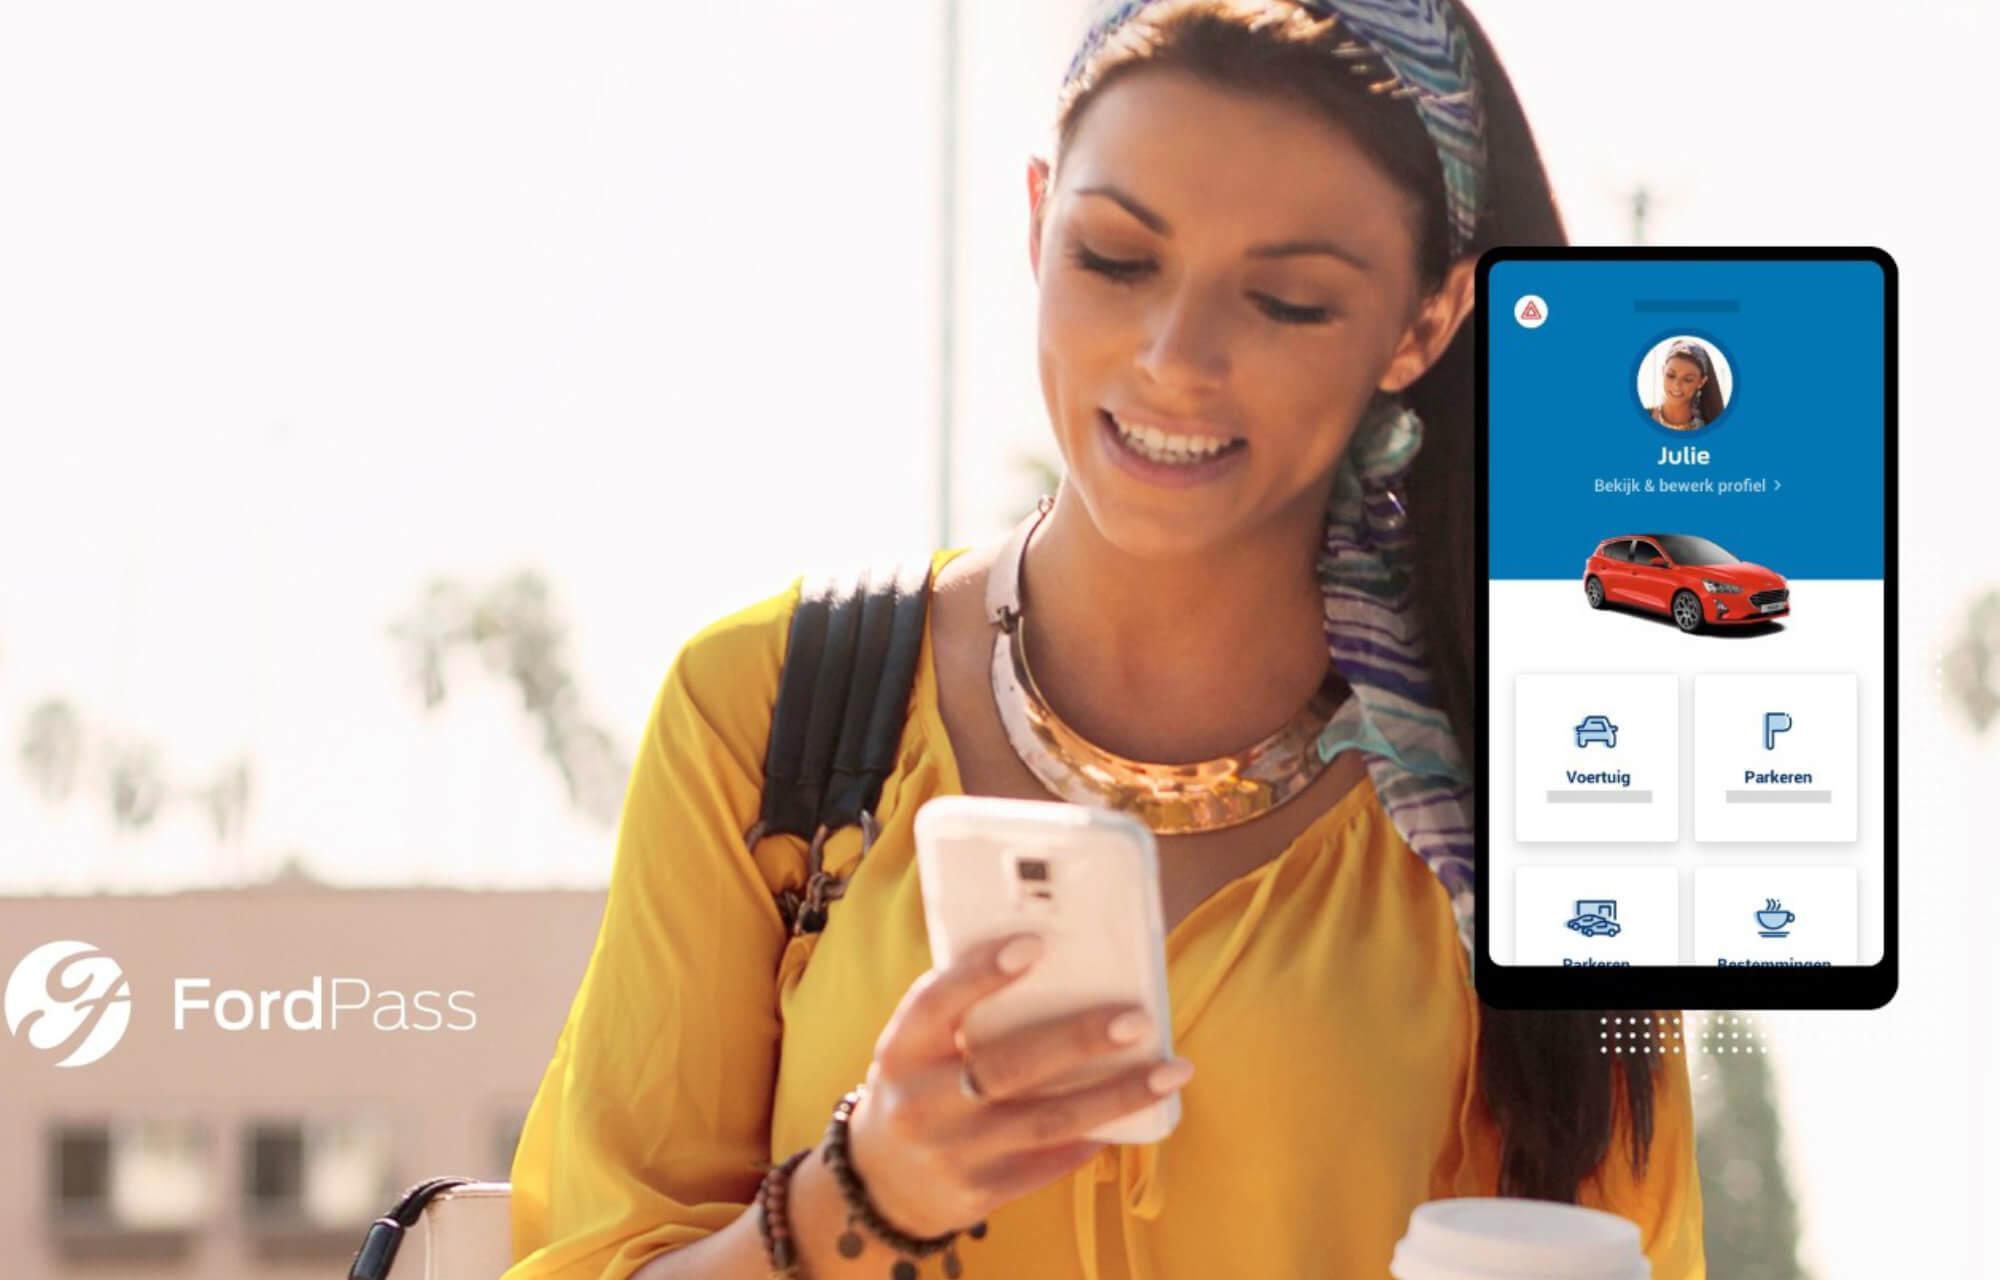 Bekijk ook de FordPass-app